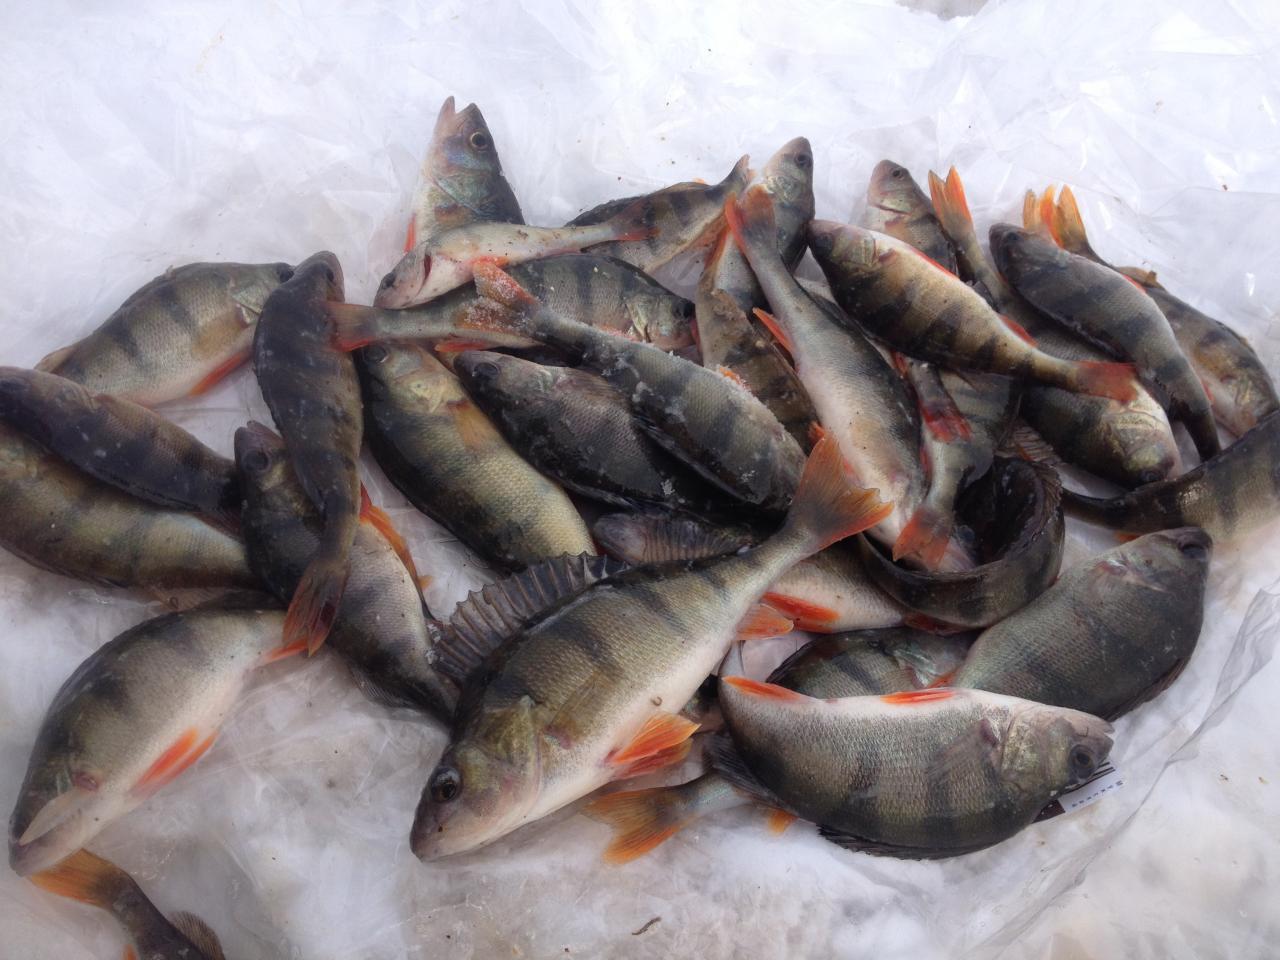 Сегодня решил проверить окуня на прошлом месте.Окунь был ...   Отчеты о рыбалке в Беларуси